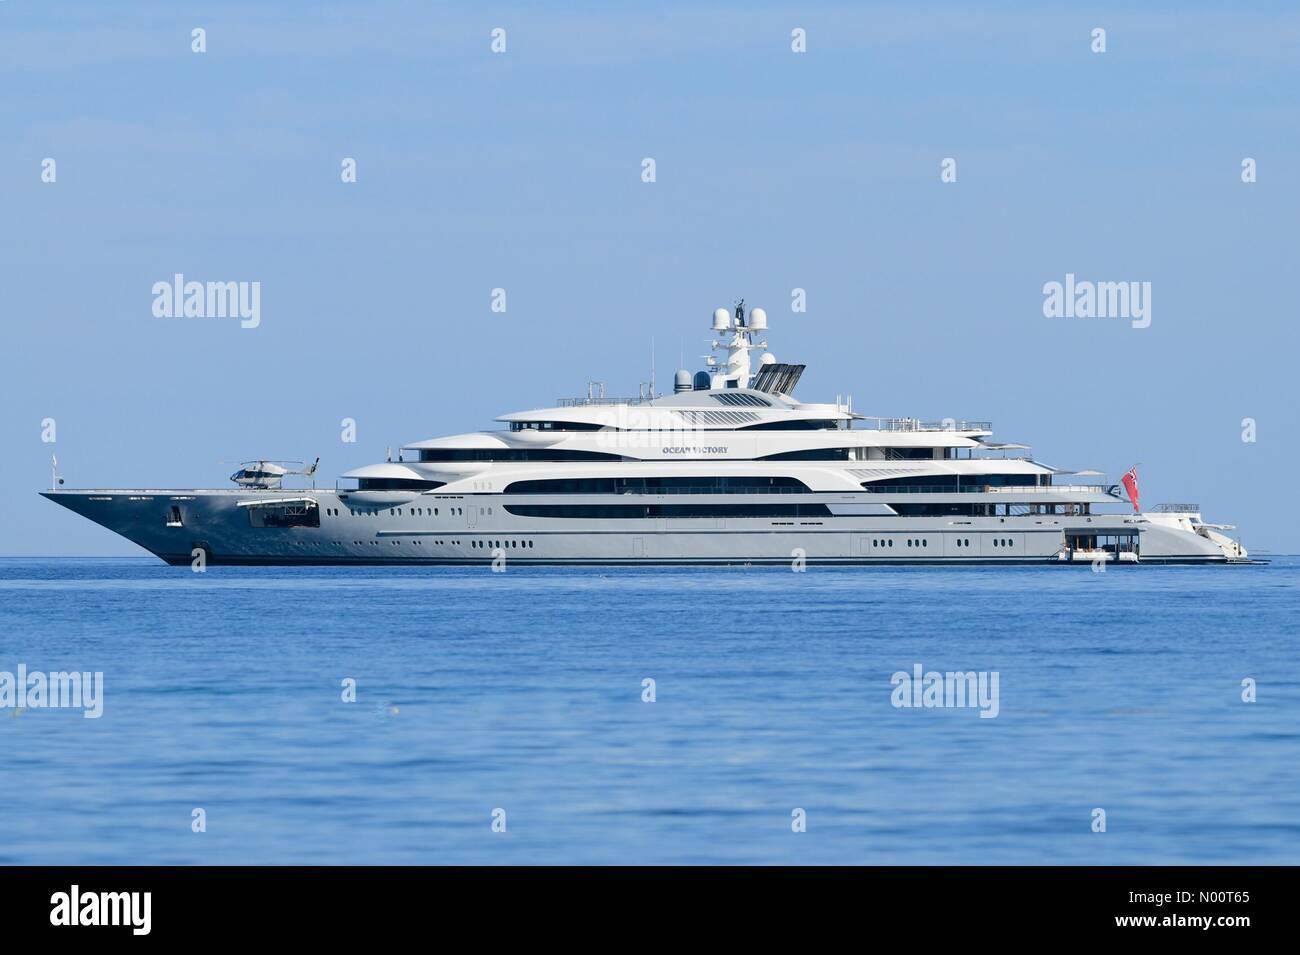 Mega Yachts Stock Photos Mega Yachts Stock Images Alamy